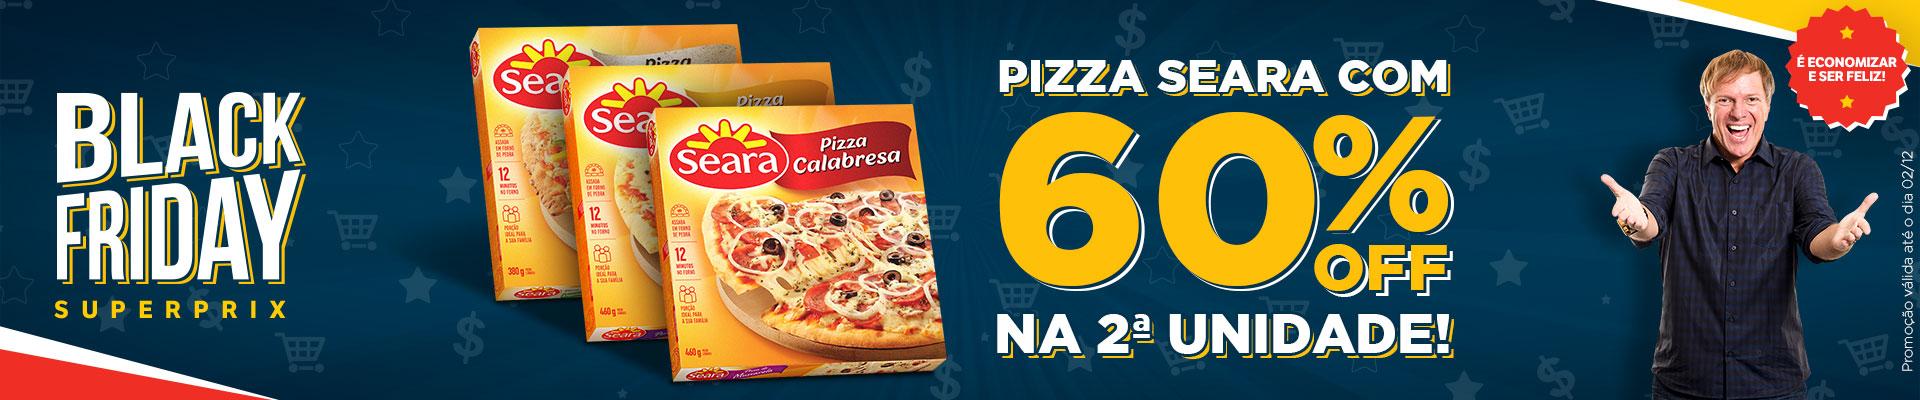 Downy / Pizza Seara